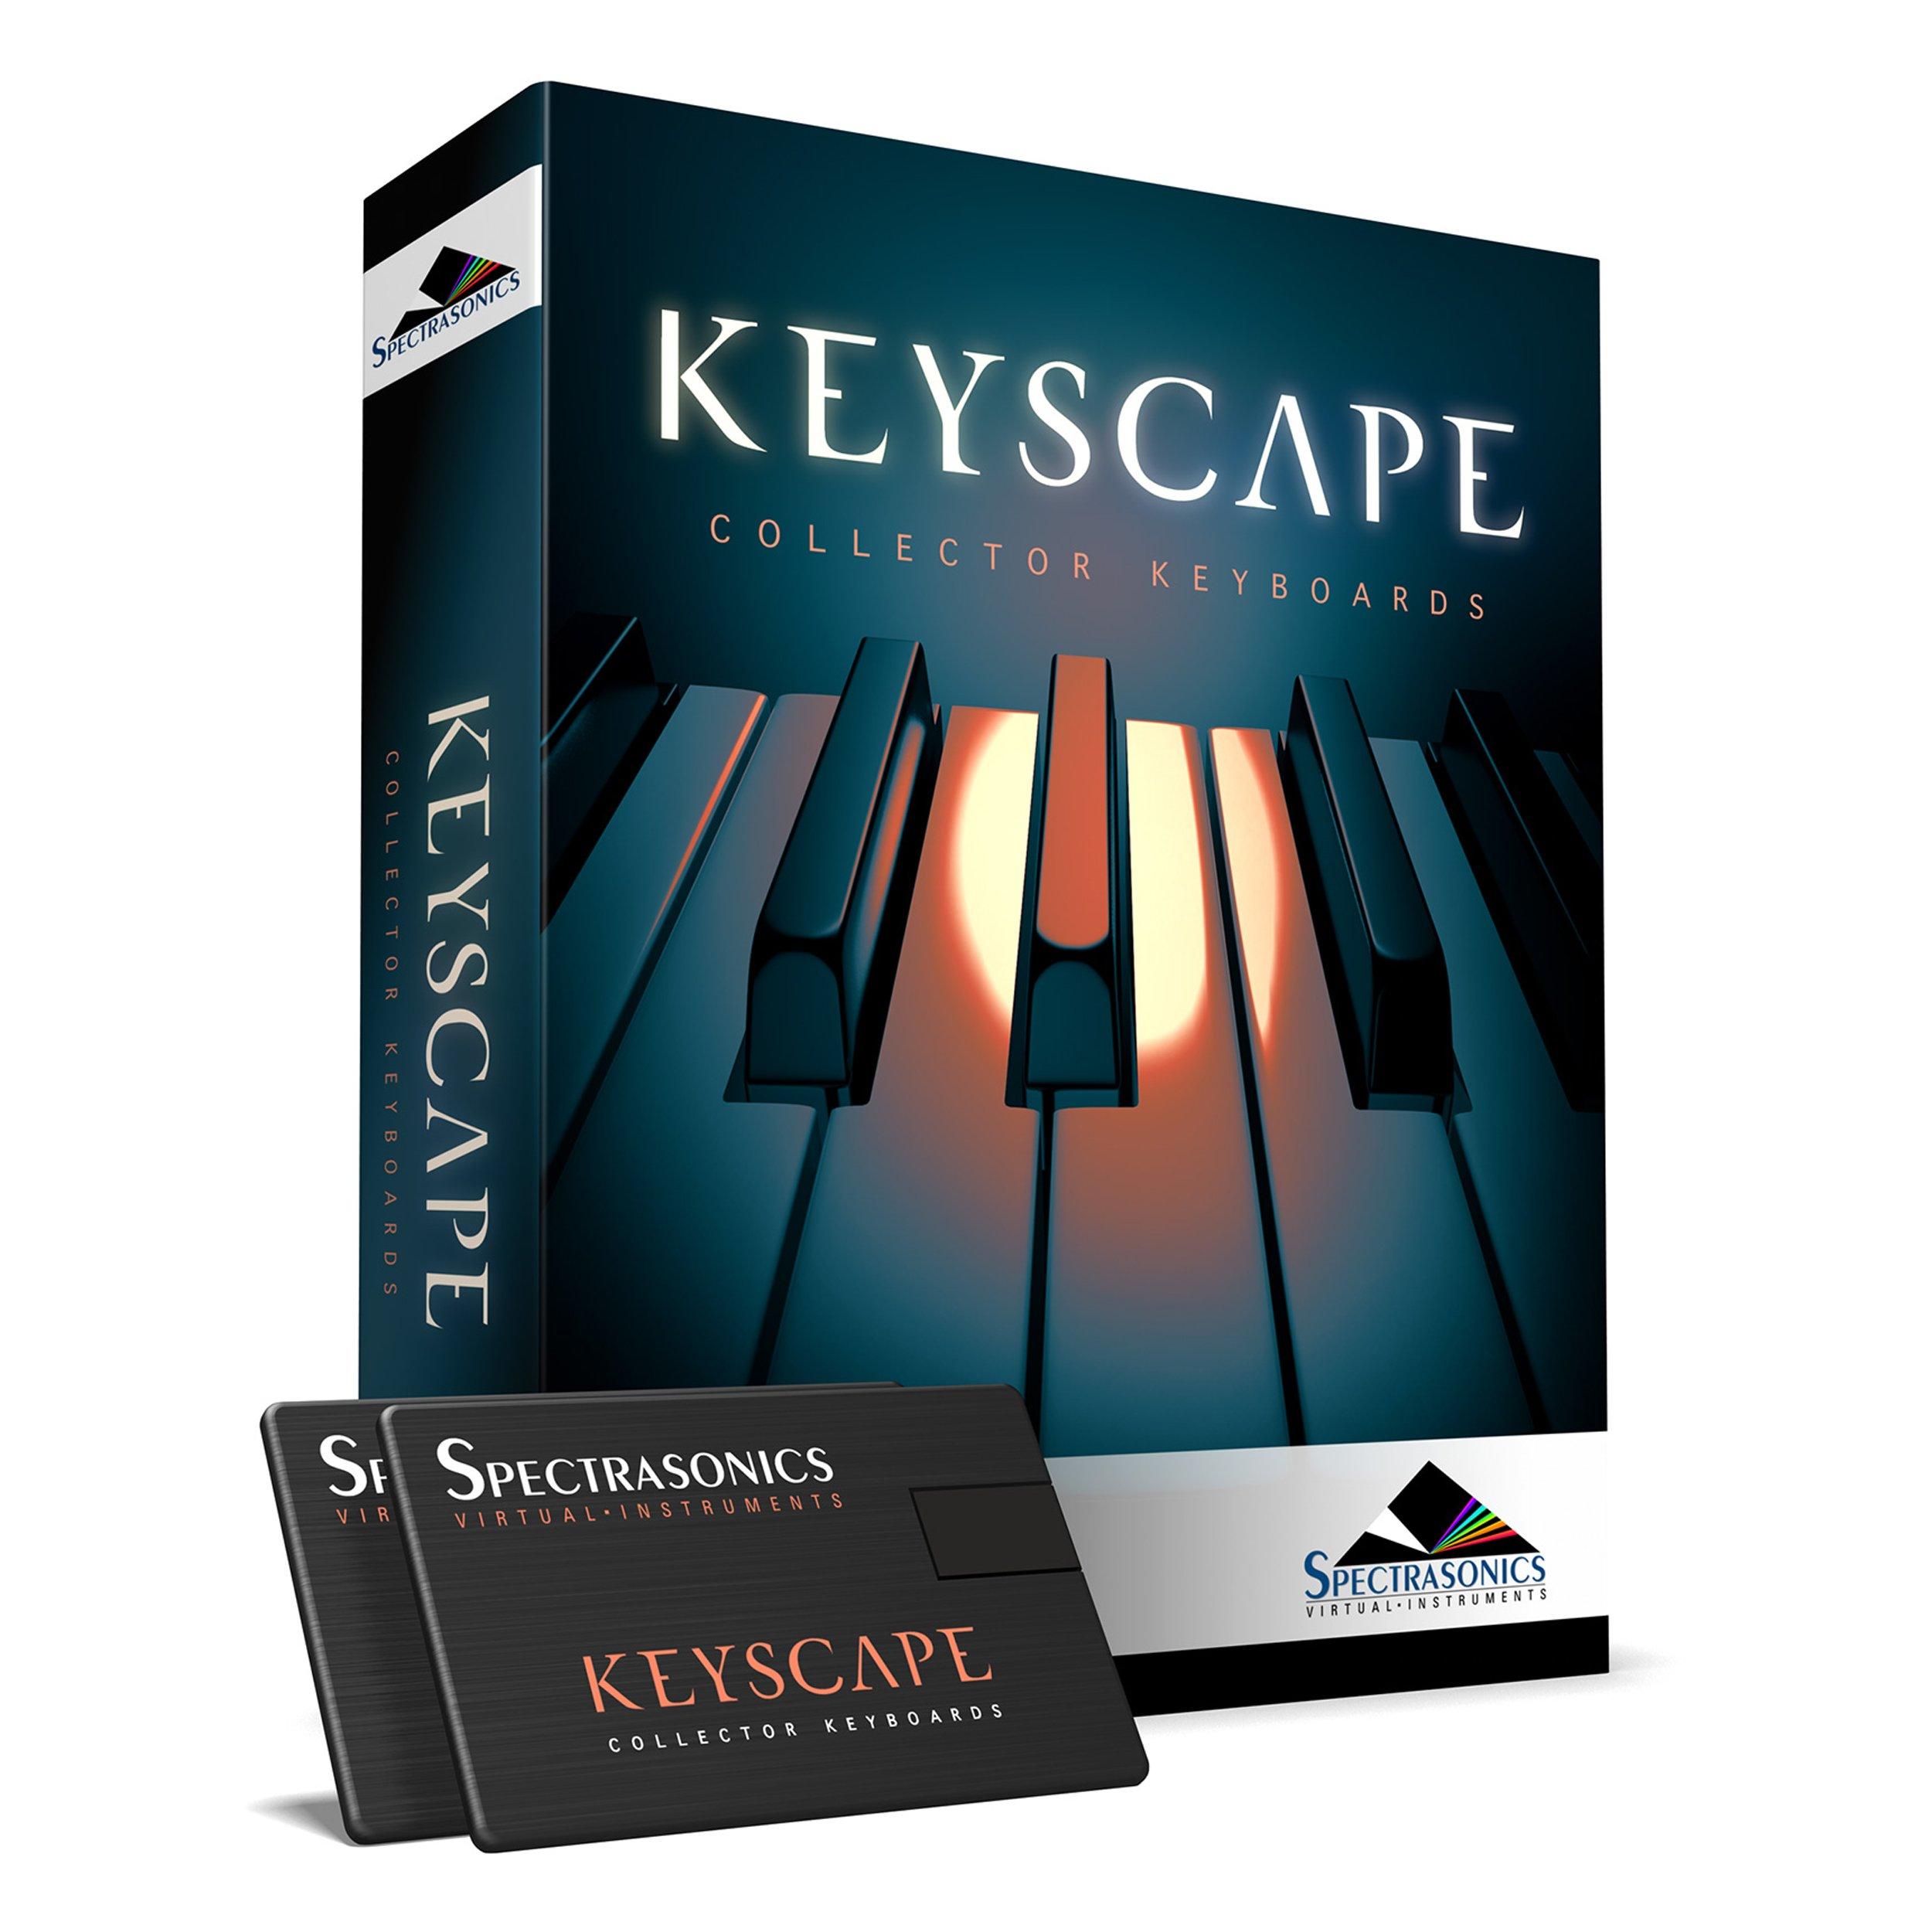 Spectrasonics Keyscape Virtual Keyboard Collection by Spectrasonics